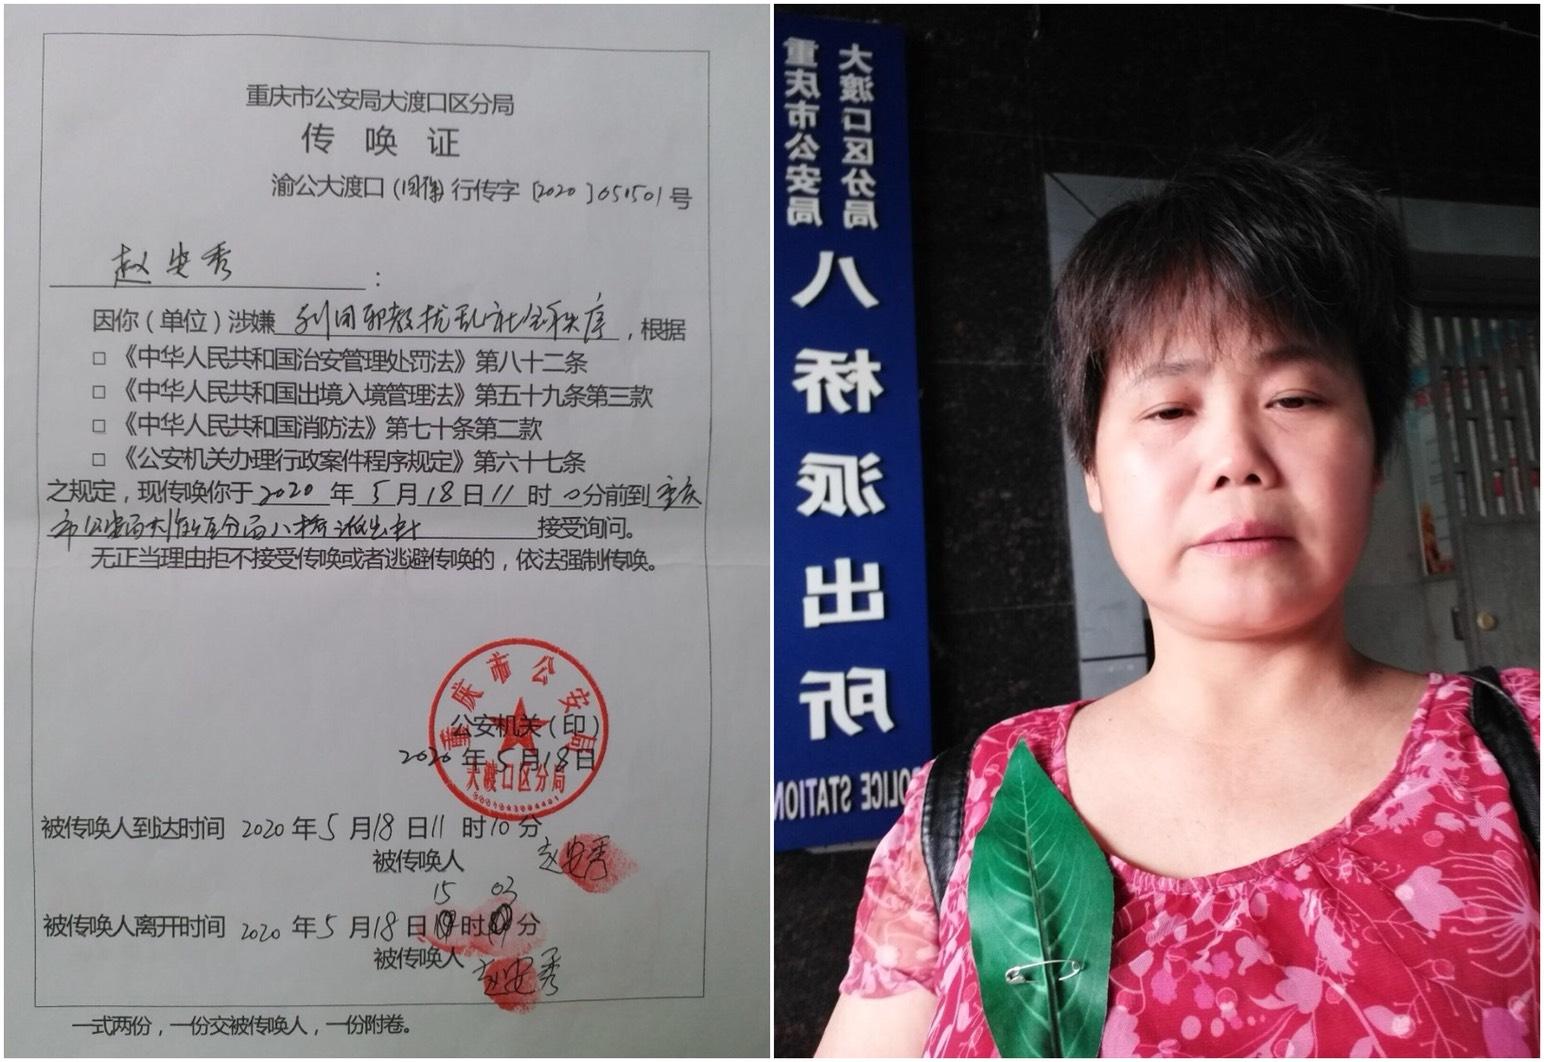 重慶當局為打壓法輪功,在無任何證據下抄公民趙安秀的家。(受訪者提供)